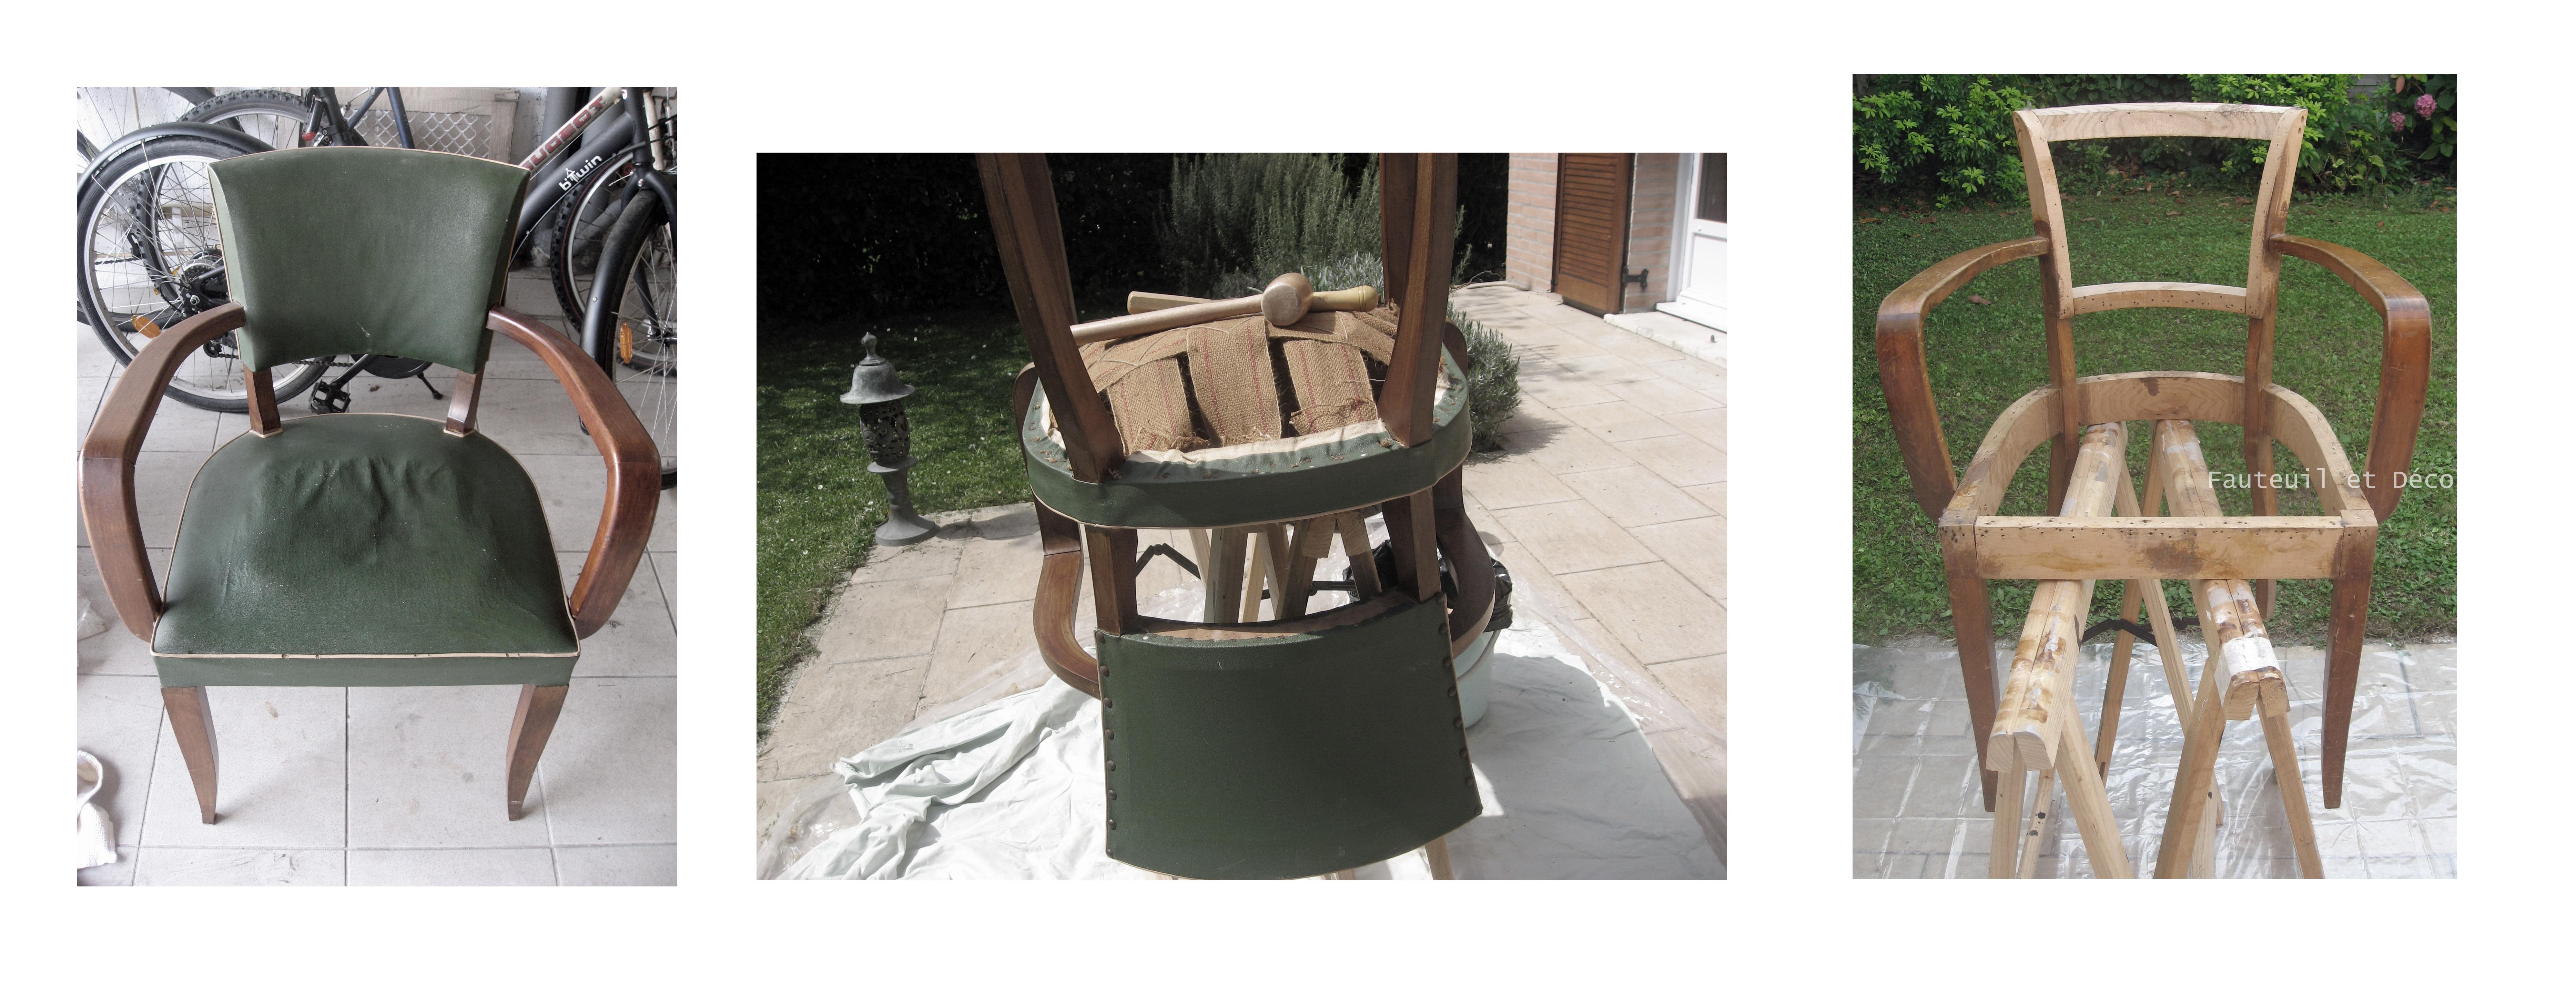 Le d garnissage fauteuil d co - Carcasse de fauteuil a restaurer ...